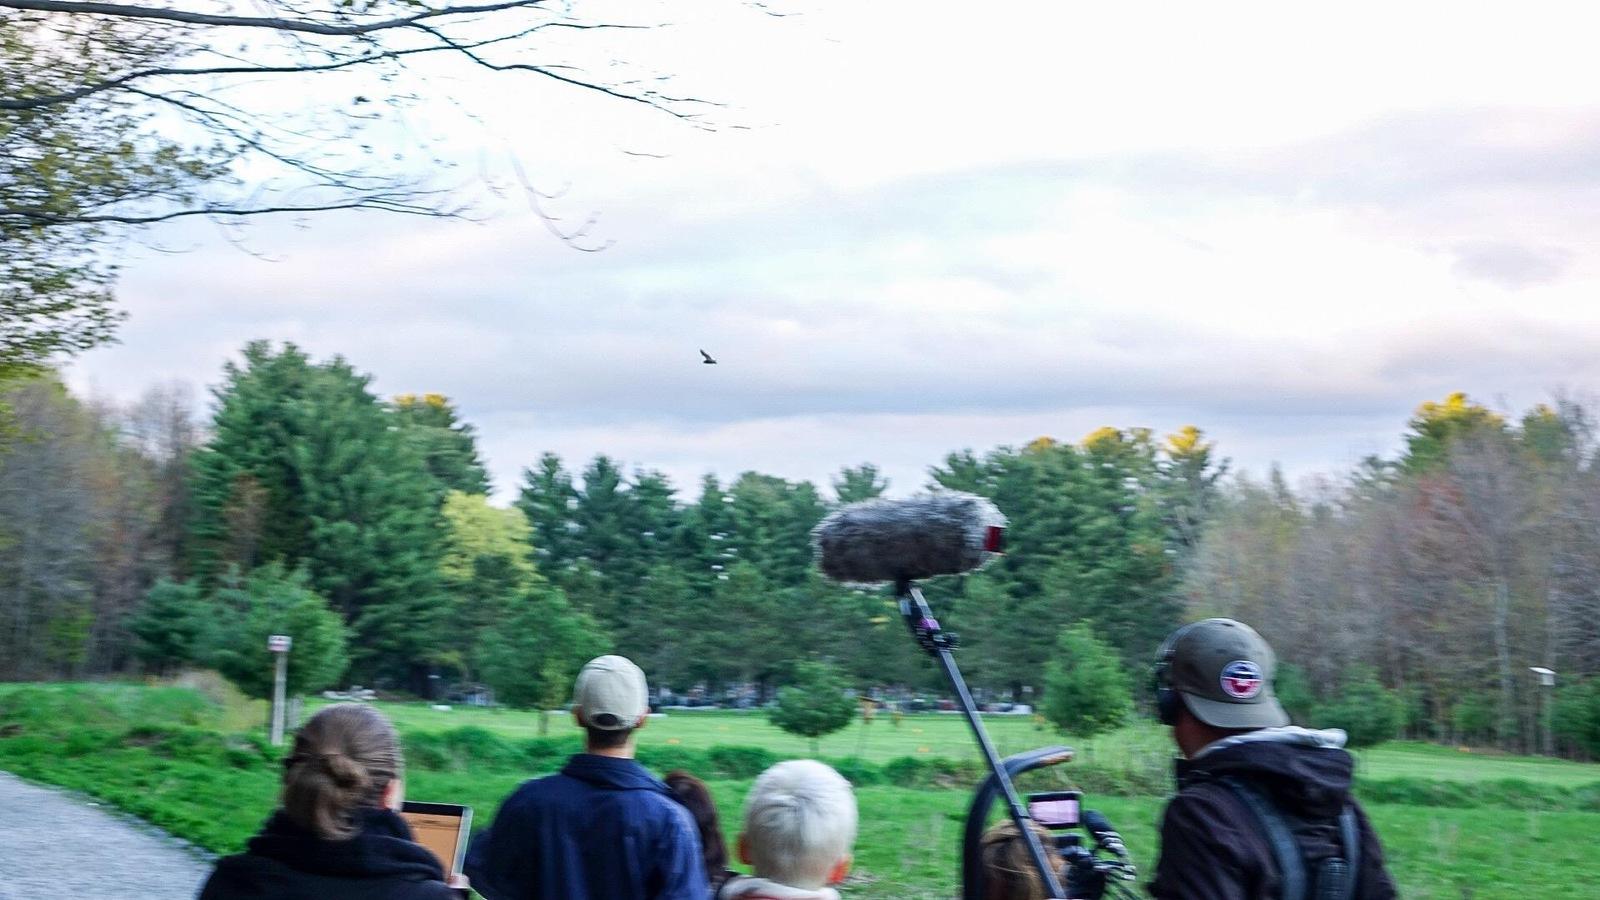 Au centre de l'écran, une grande chauve-souris brune qui prend son envol. Au bas de l'écran, une équipe de tournage